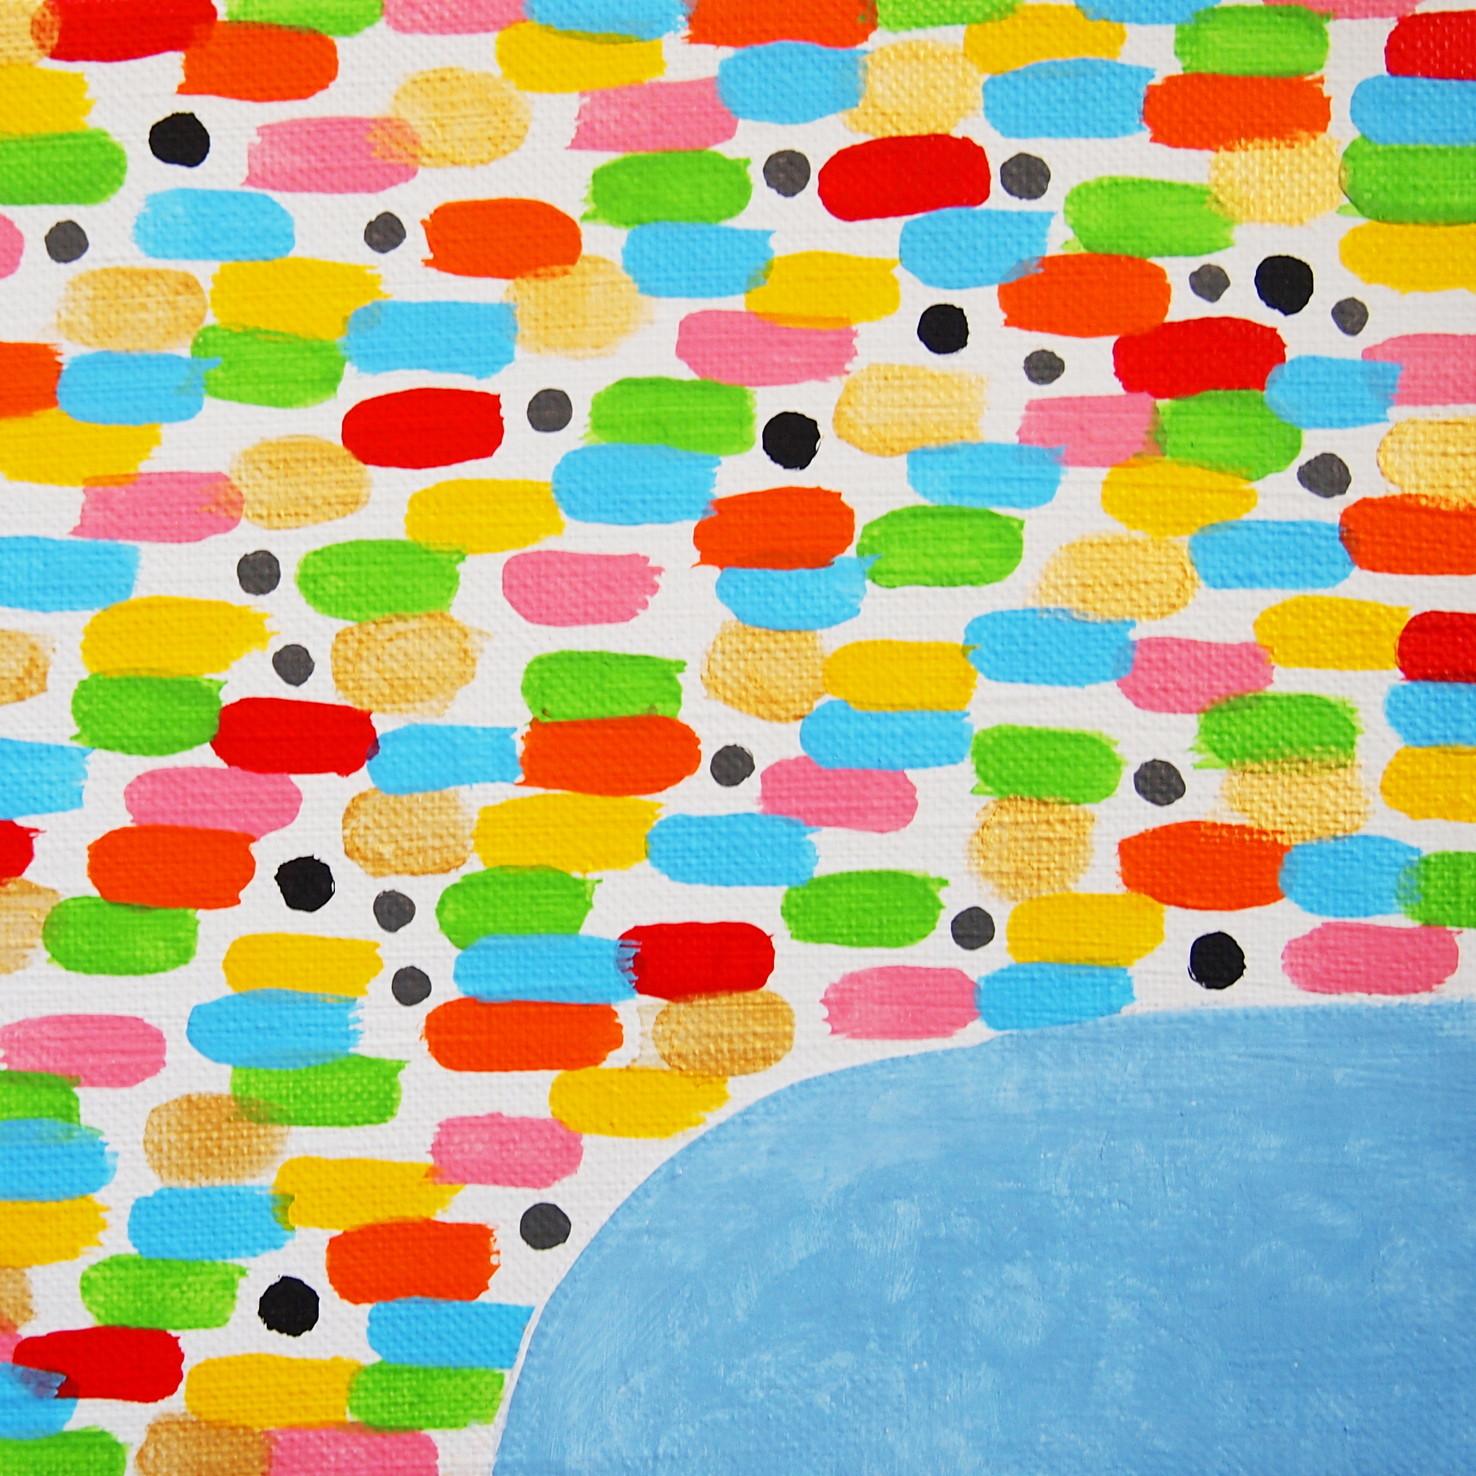 絵画 インテリア アートパネル 雑貨 壁掛け 置物 おしゃれ 現代アート ロココロ 画家 : 眞野丘秋 作品 : 無題